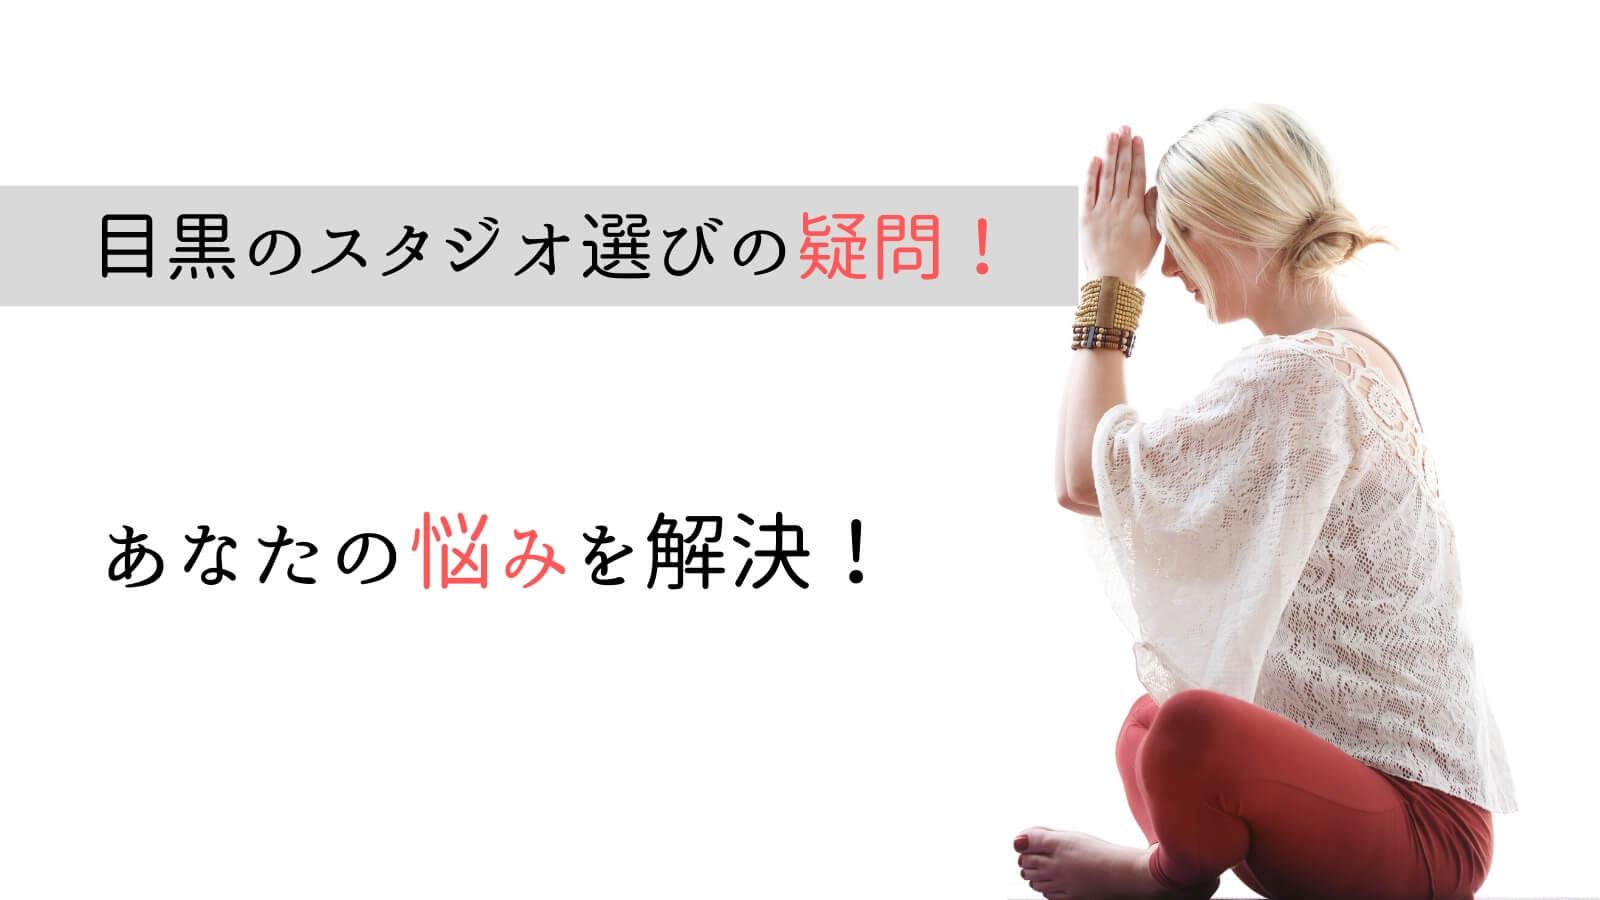 目黒でのヨガ・ピラティススタジオ選びに関するQ&A